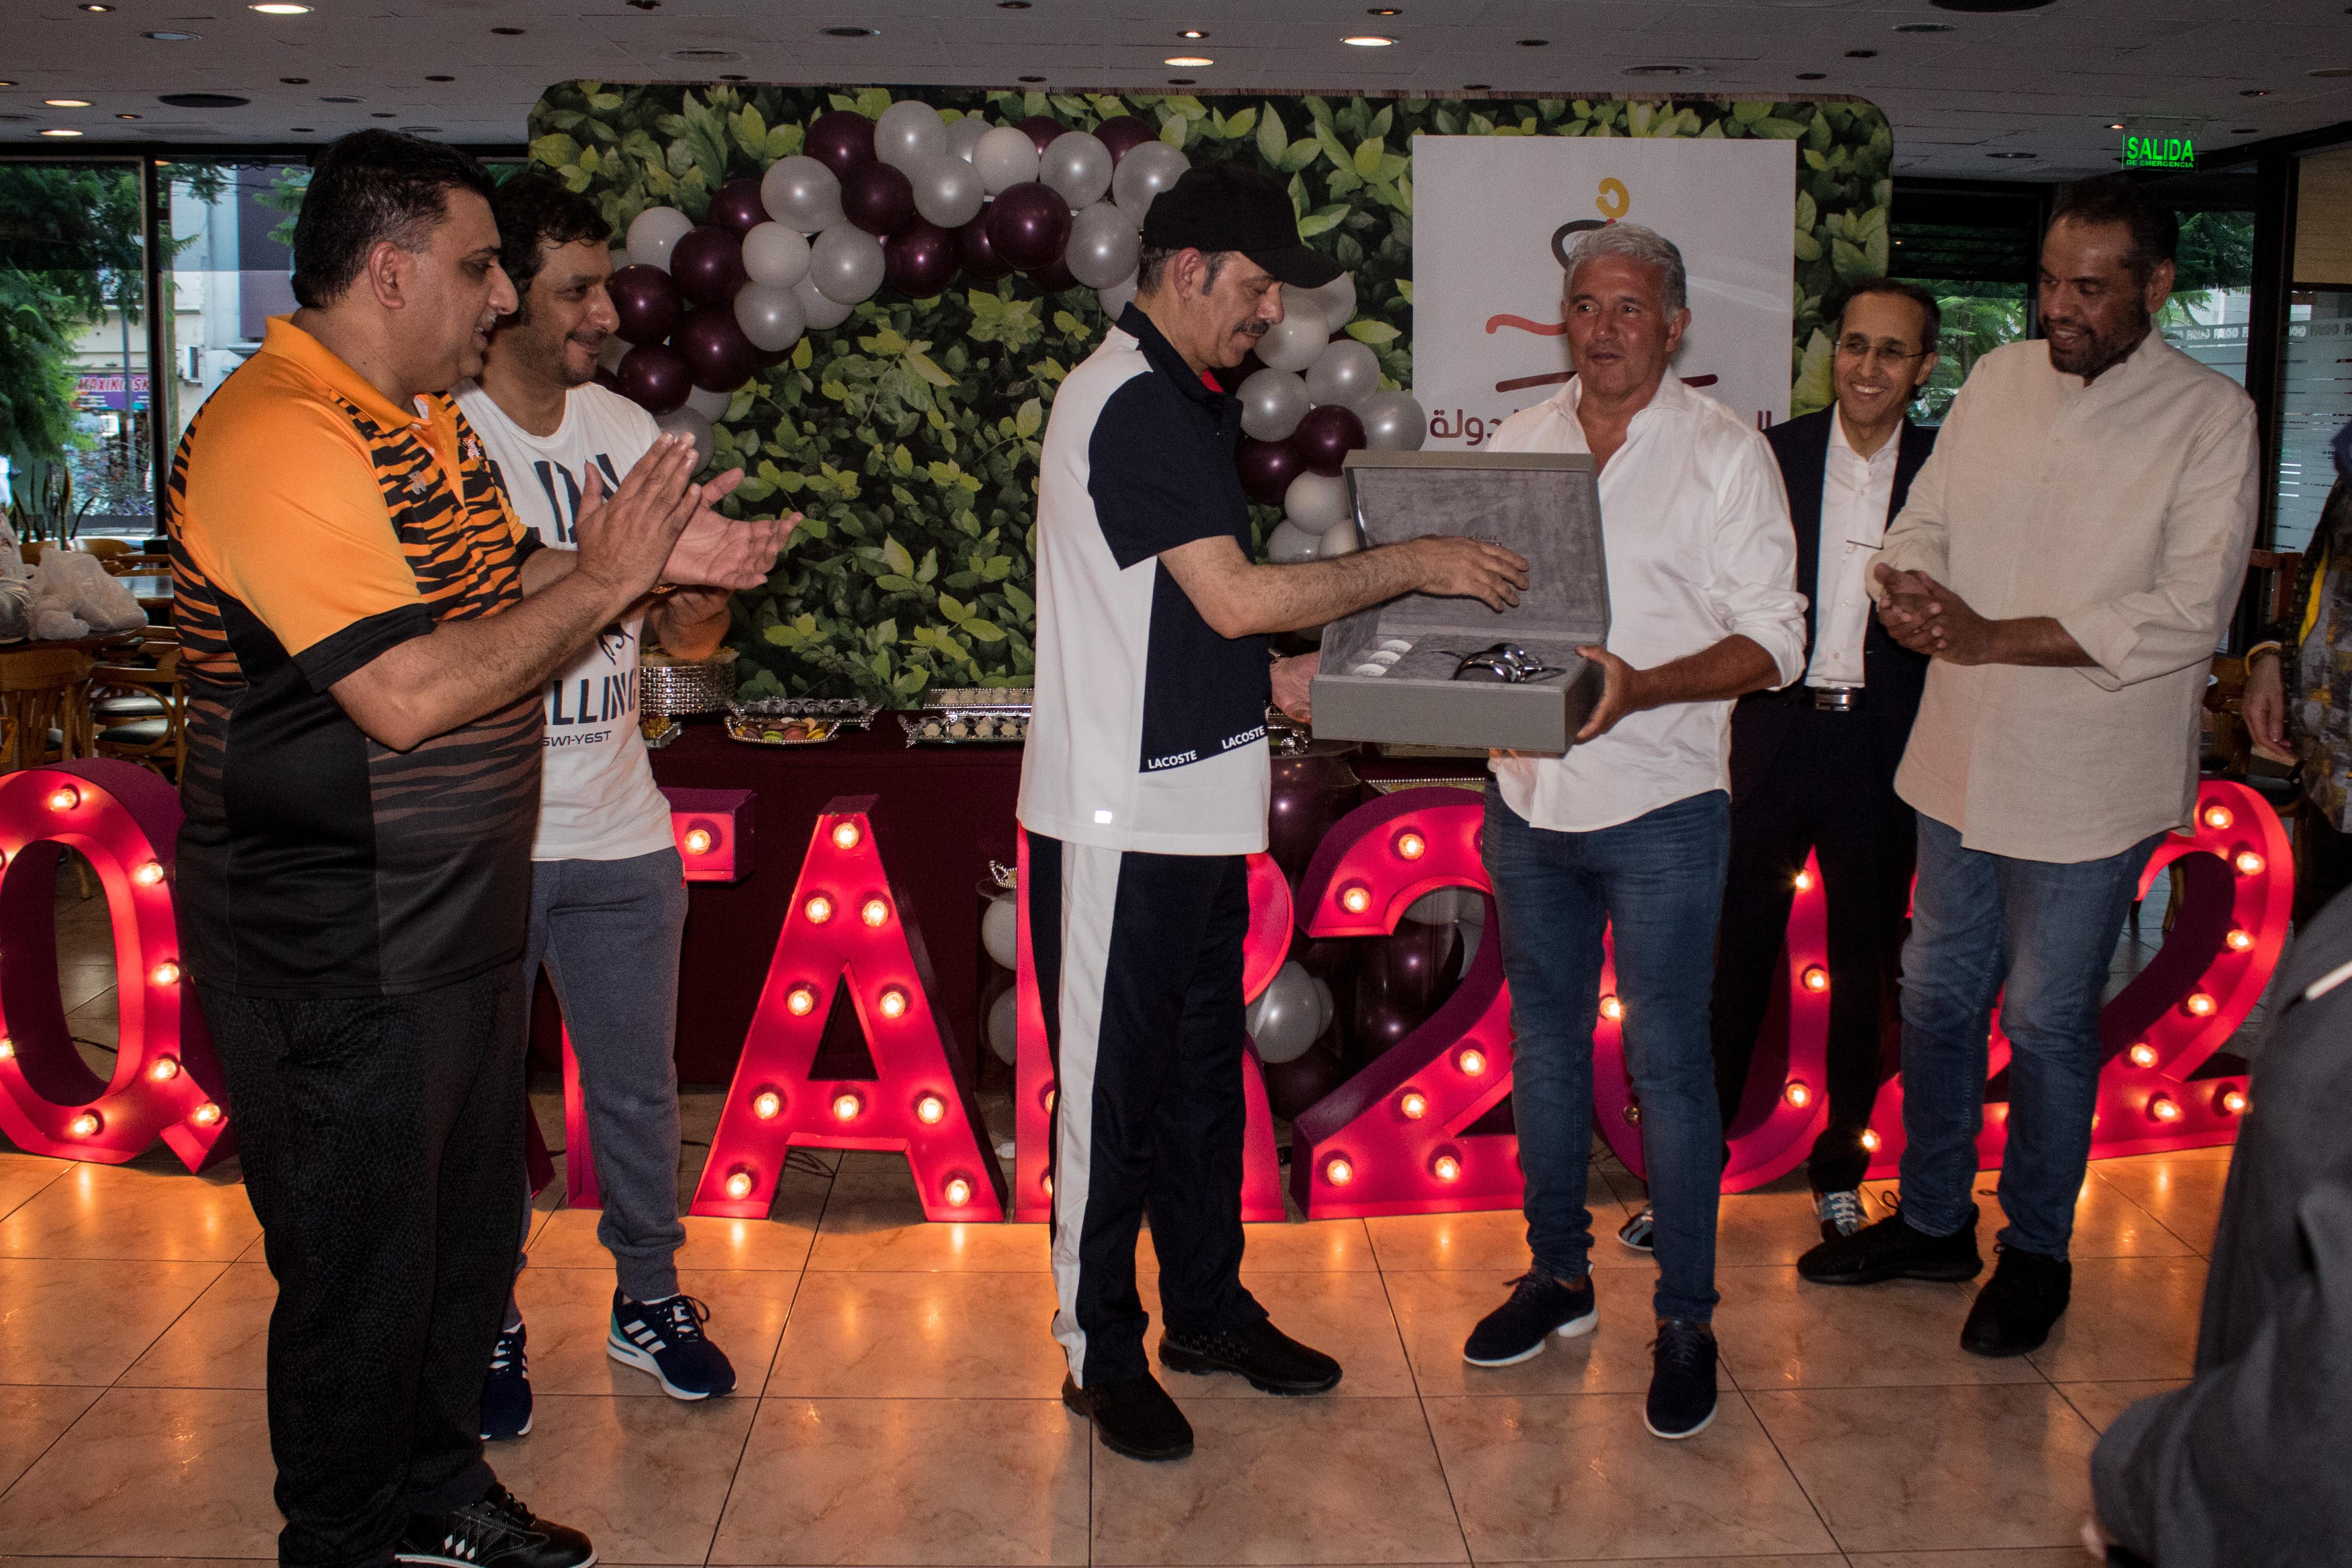 El embajador del Estado de Qatar, S.E. Battal M. Al Dosari le entregó un reconocimiento a Jorge Burruchaga frente a los demás embajadores presentes